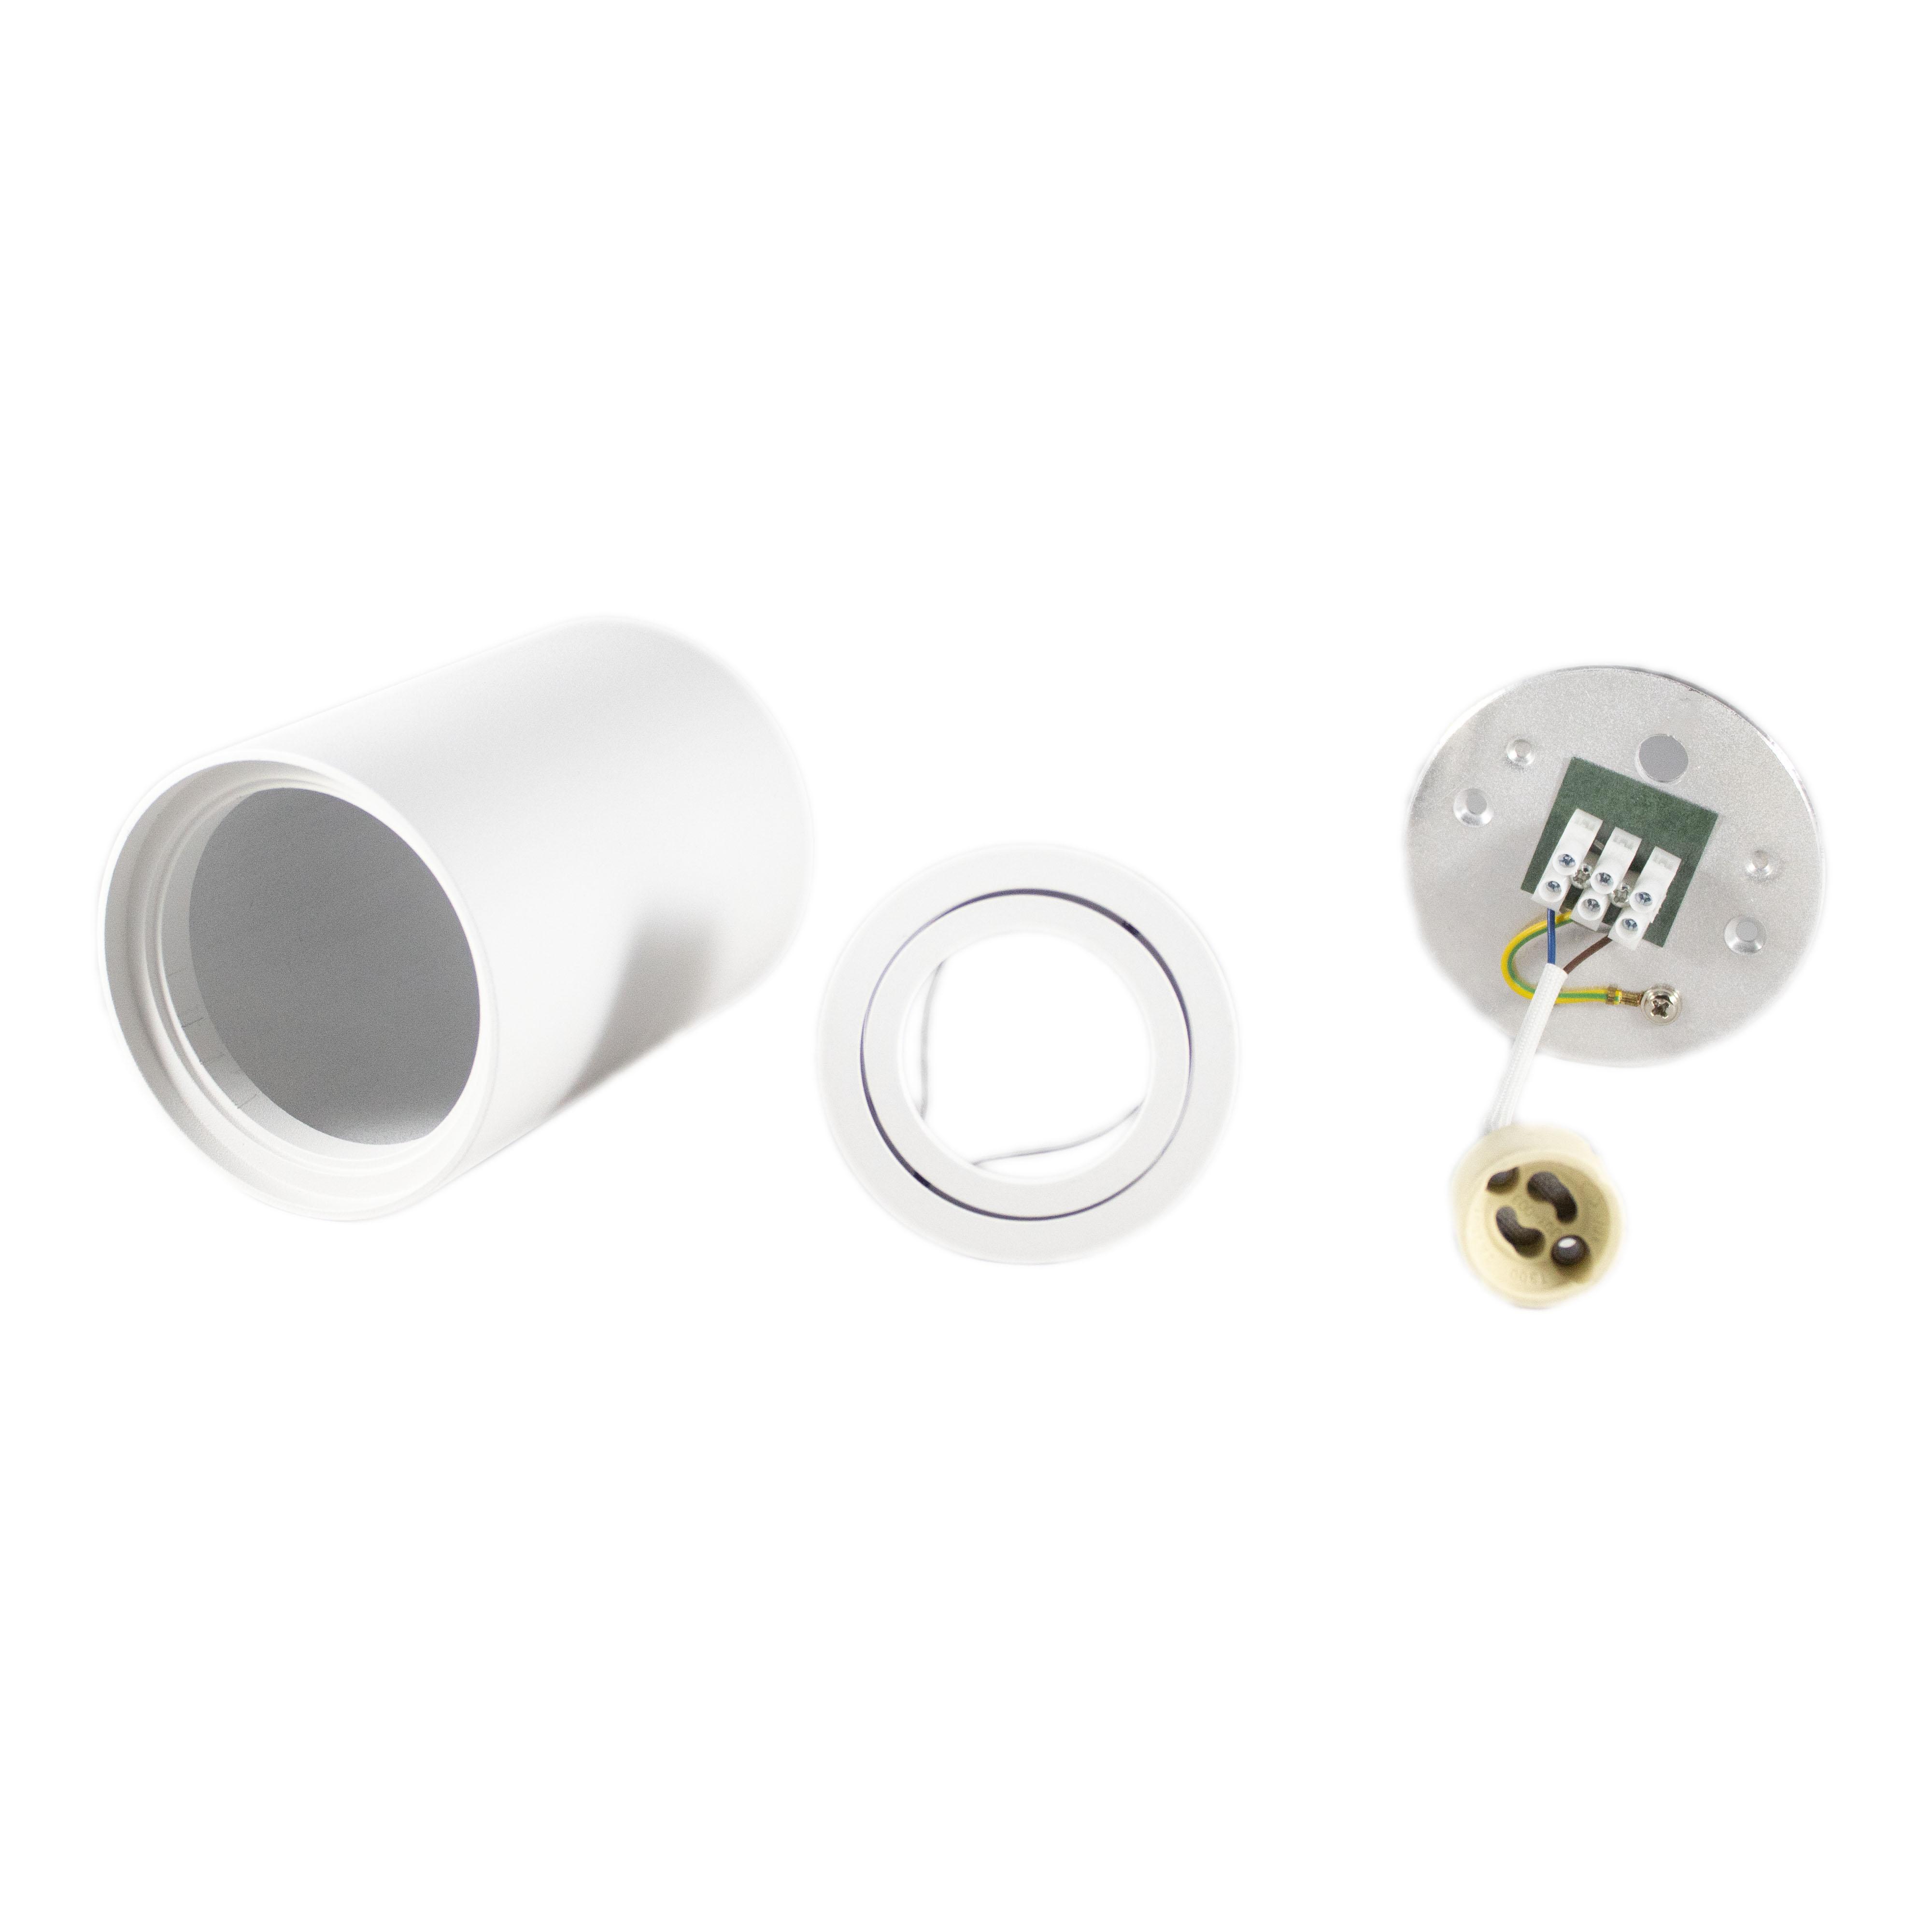 Opbouw spot armatuur wit rond kantelbaar GU10 fitting - onderdelen